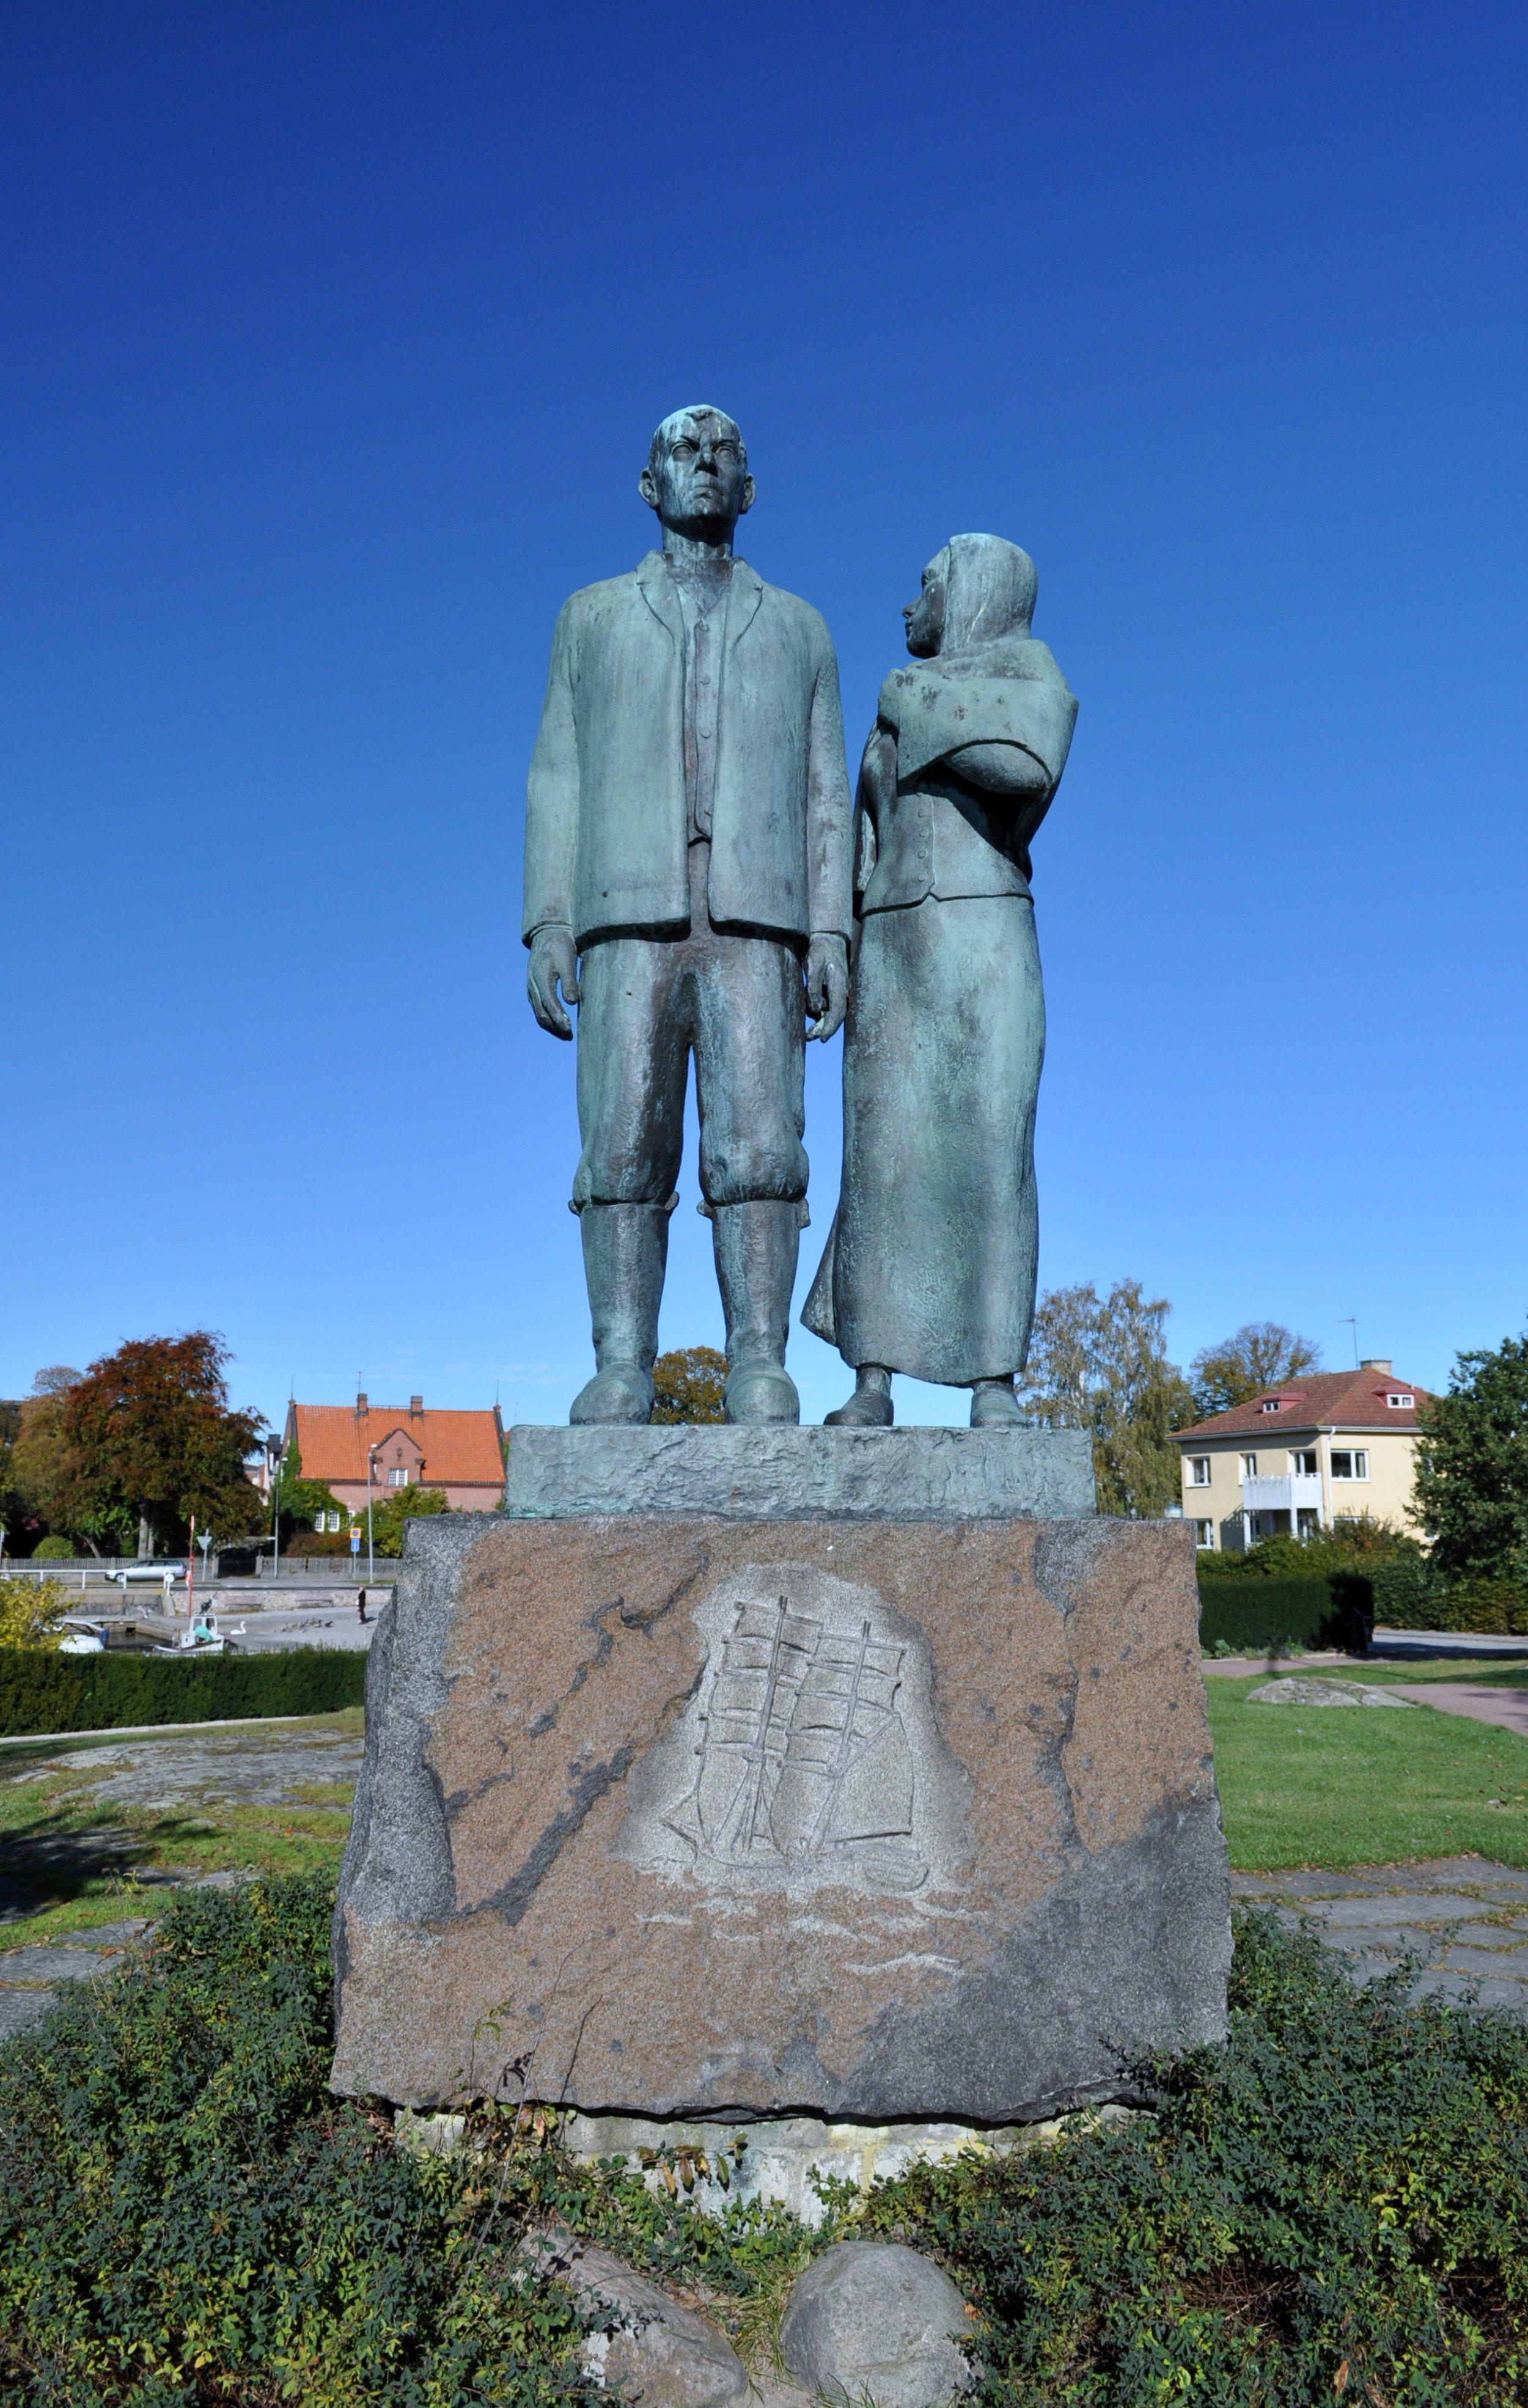 Axel Olssons Utvandrarmonument i hamnen i Karlshamn - där Karl-Oskar blickar ut mot havet och den nya värld han längtar till. Foto: Boatbuilder/Creative commons